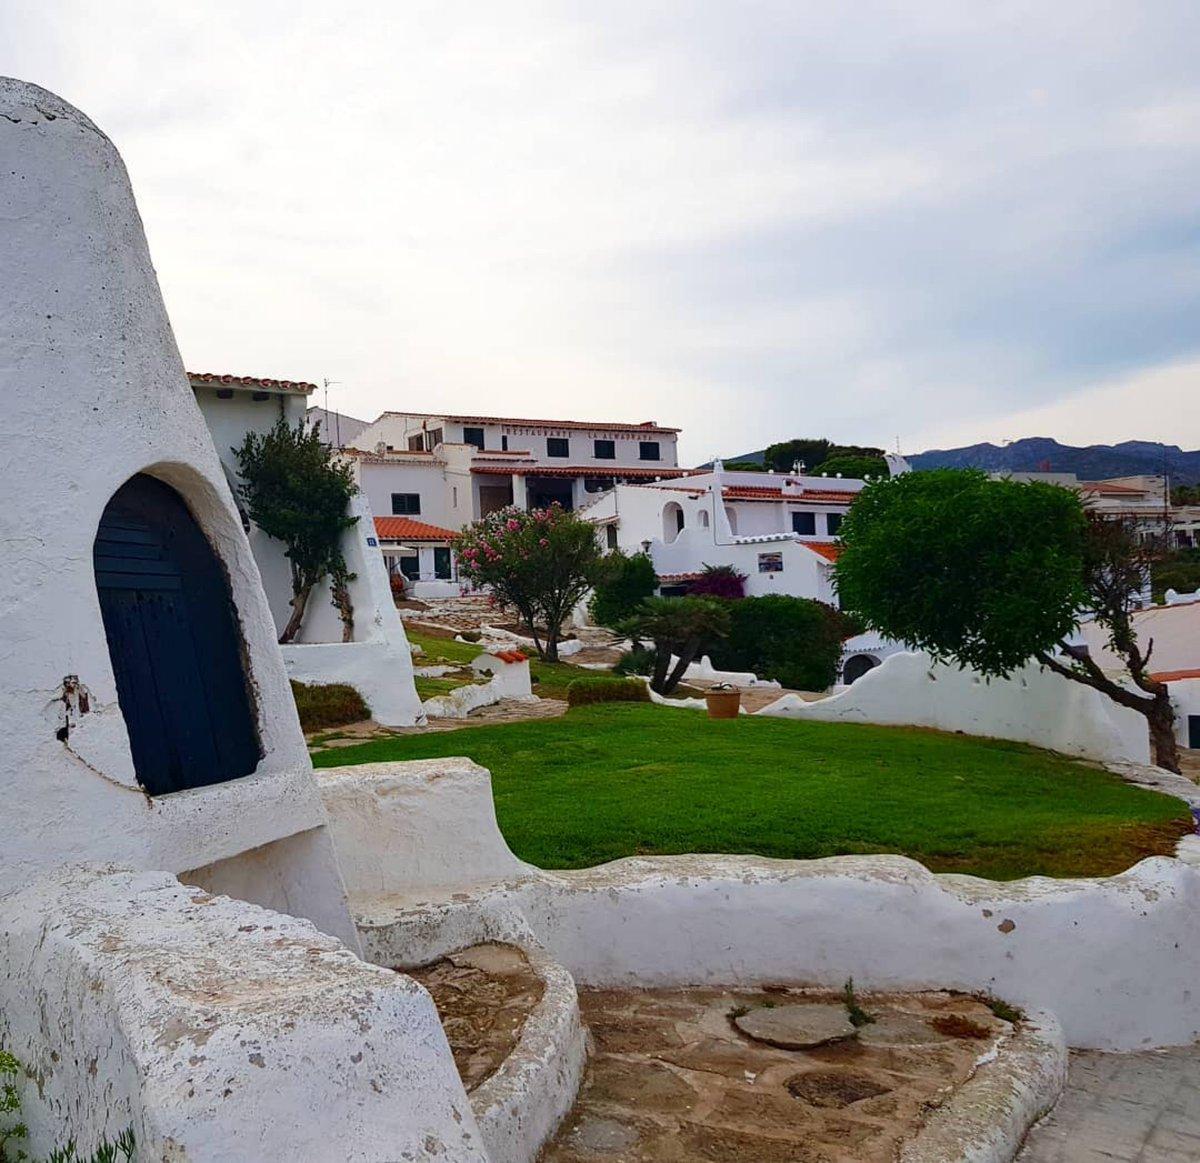 RT @costadauradatur @Mar_i_Muntanya: Les casetes blanques de lAlmadrava, la nostra petita Eivissa... Foto: @mvives67 Las casitas blancas de la Almadrava, nuestra pequeña Ibiza... Foto: @mvives67 #CostaDaurada #Almadrava #Hospitaletdelinfant